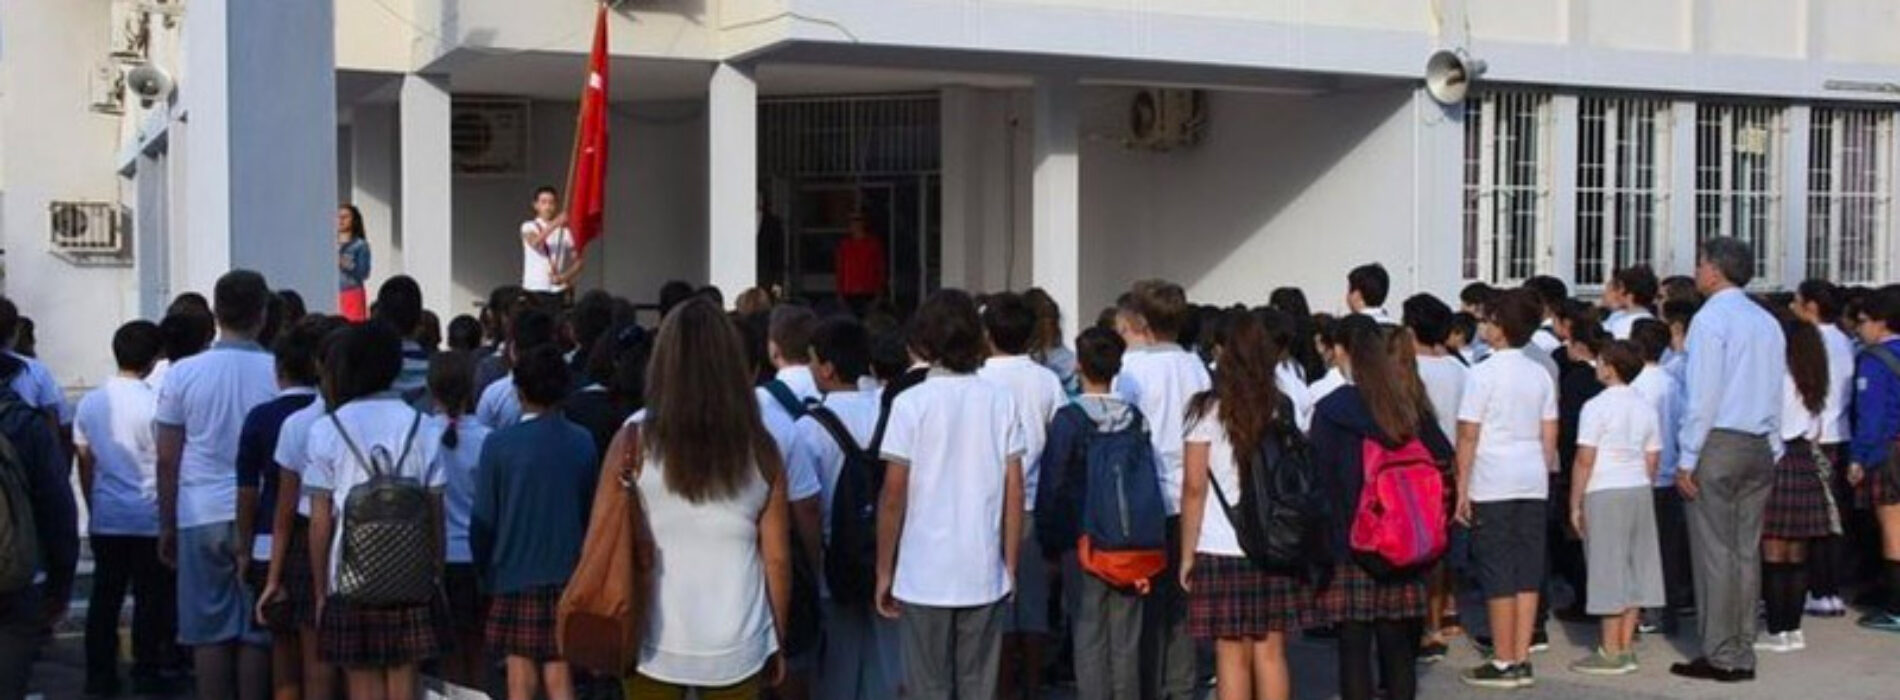 Türkiye Monitörü 12. Hafta Andımız Araştırması Sonuçları Açıklandı